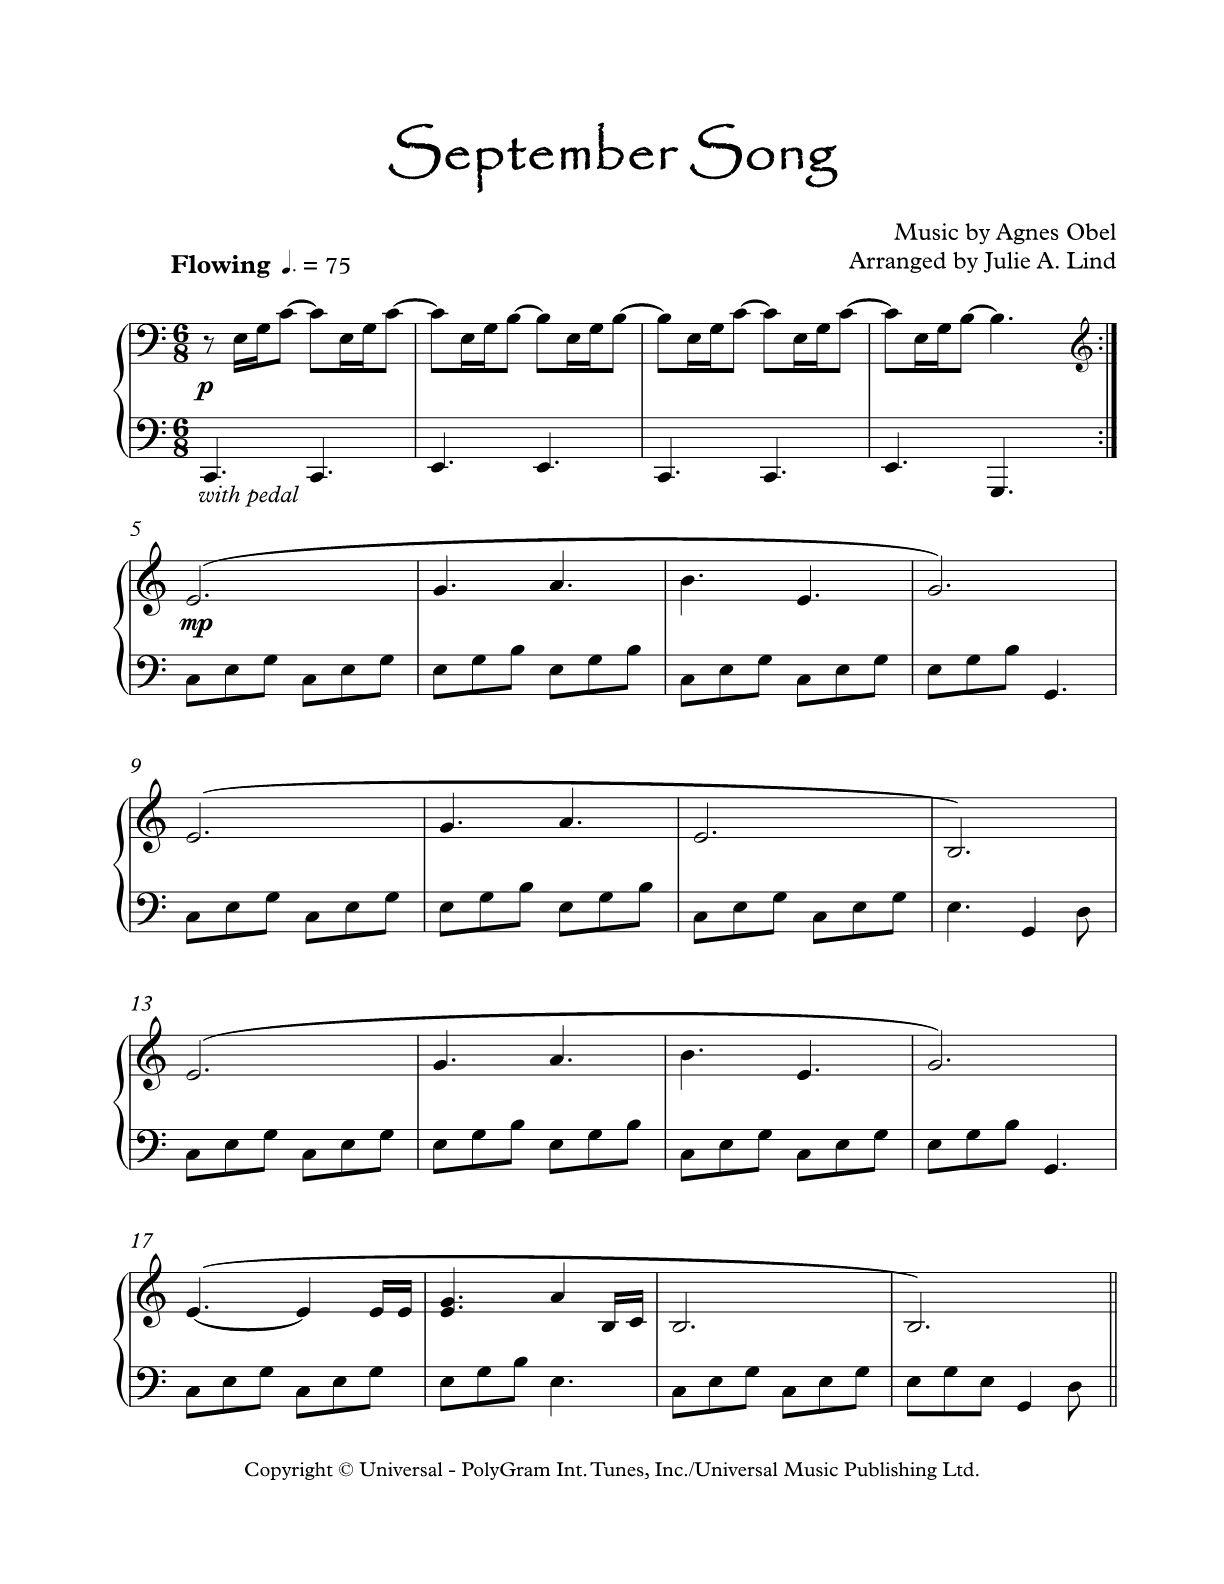 September Song By Agnes Obel Piano Sheet Music September Song